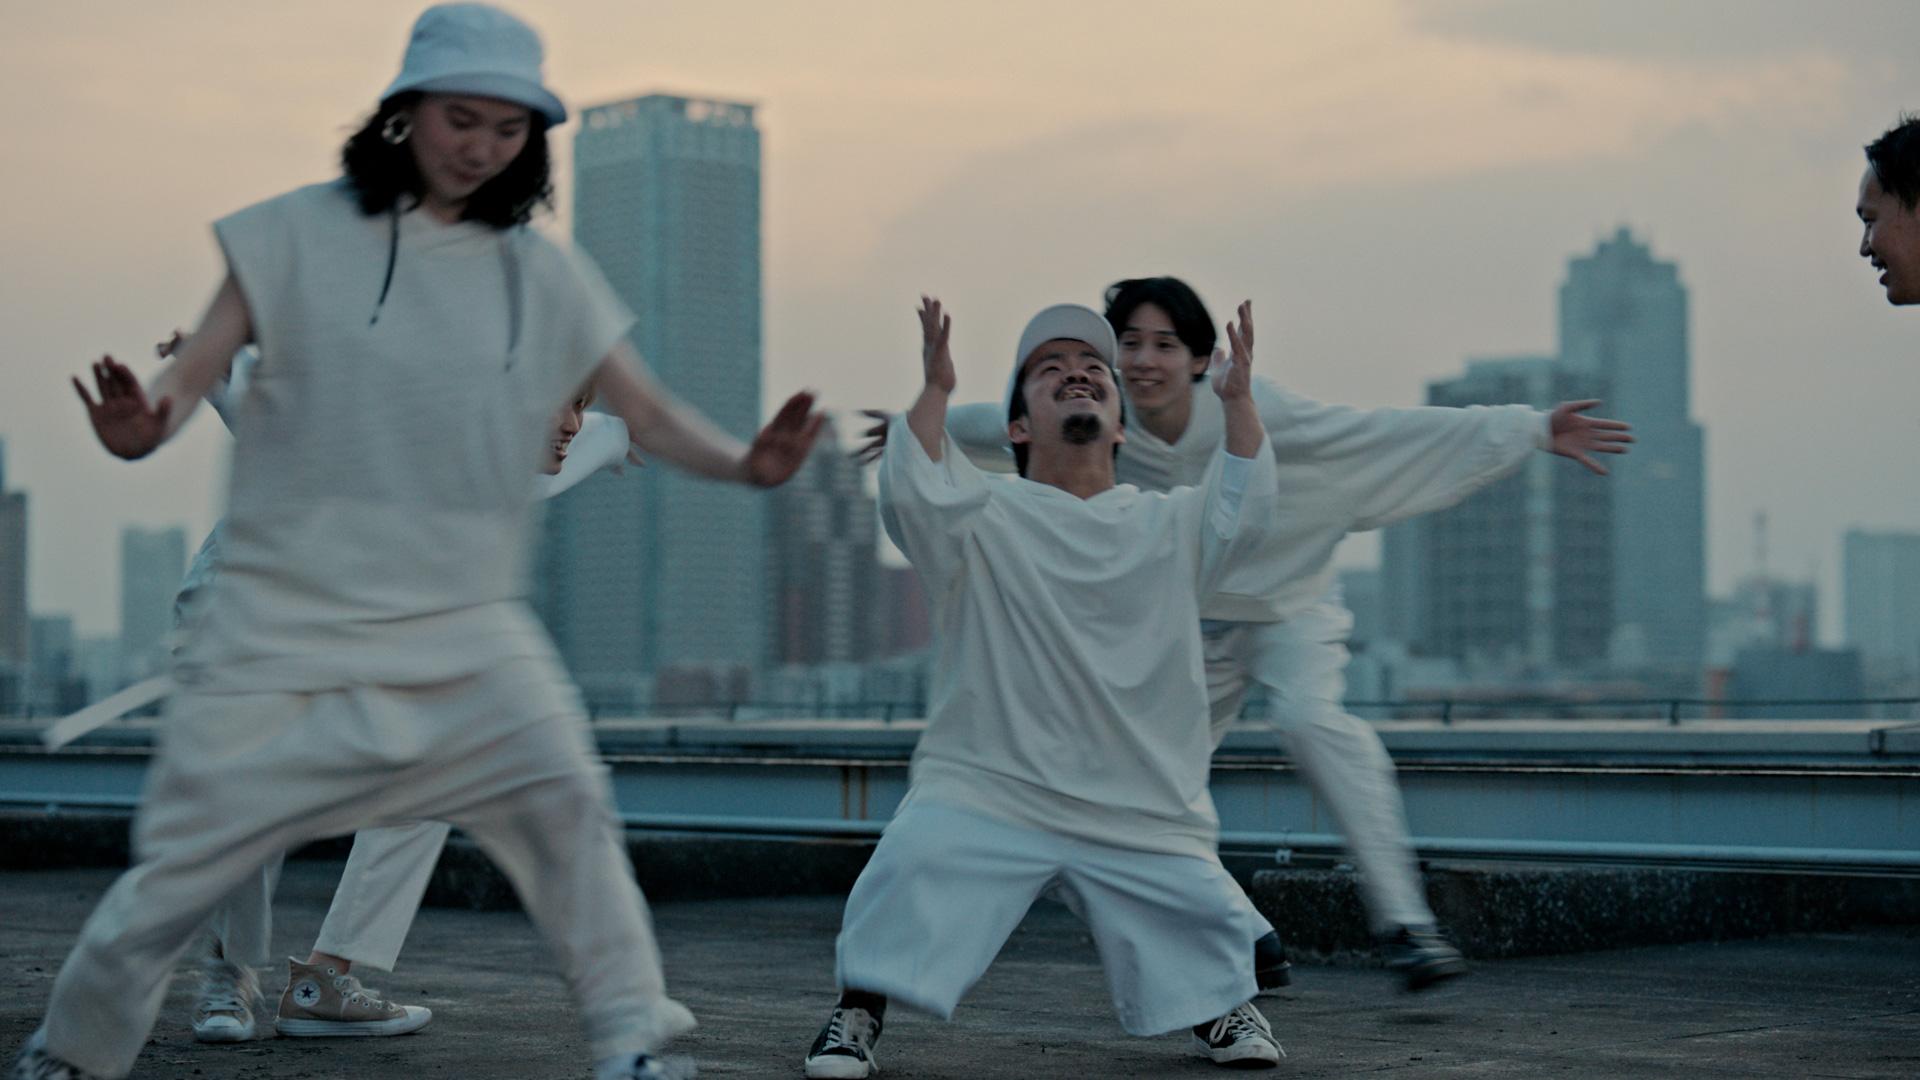 アガイガウガ(TOMOYAさん・DAIKIさん・YU-RIさん)、KANOKENさん、COZYさん、障害の有無に関わらず、共に舞台を創り上げる混成チーム。